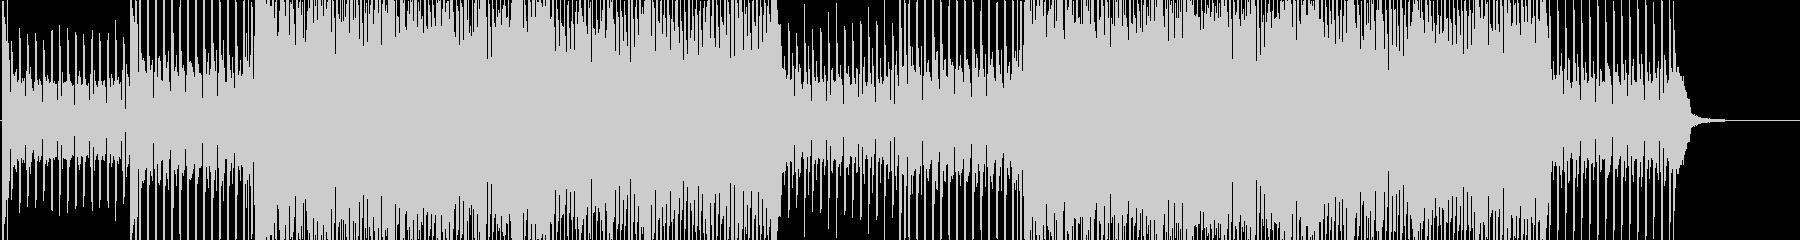 CMにぴったりの明るいロックBGM2の未再生の波形